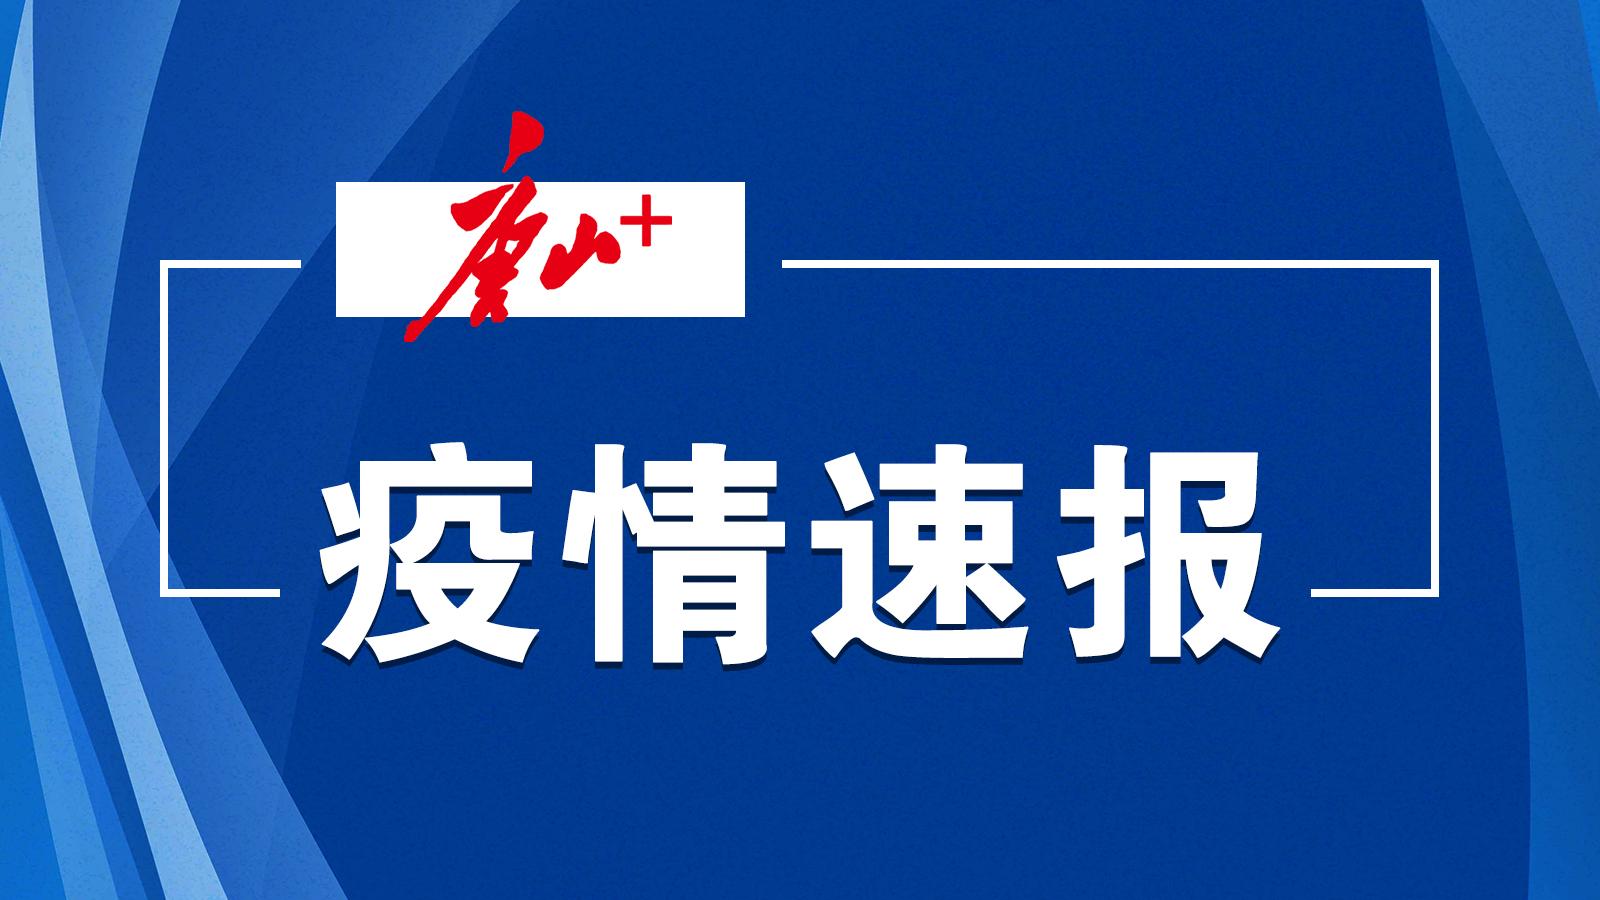 云南19日新增1例本土确诊病例,为缅甸籍